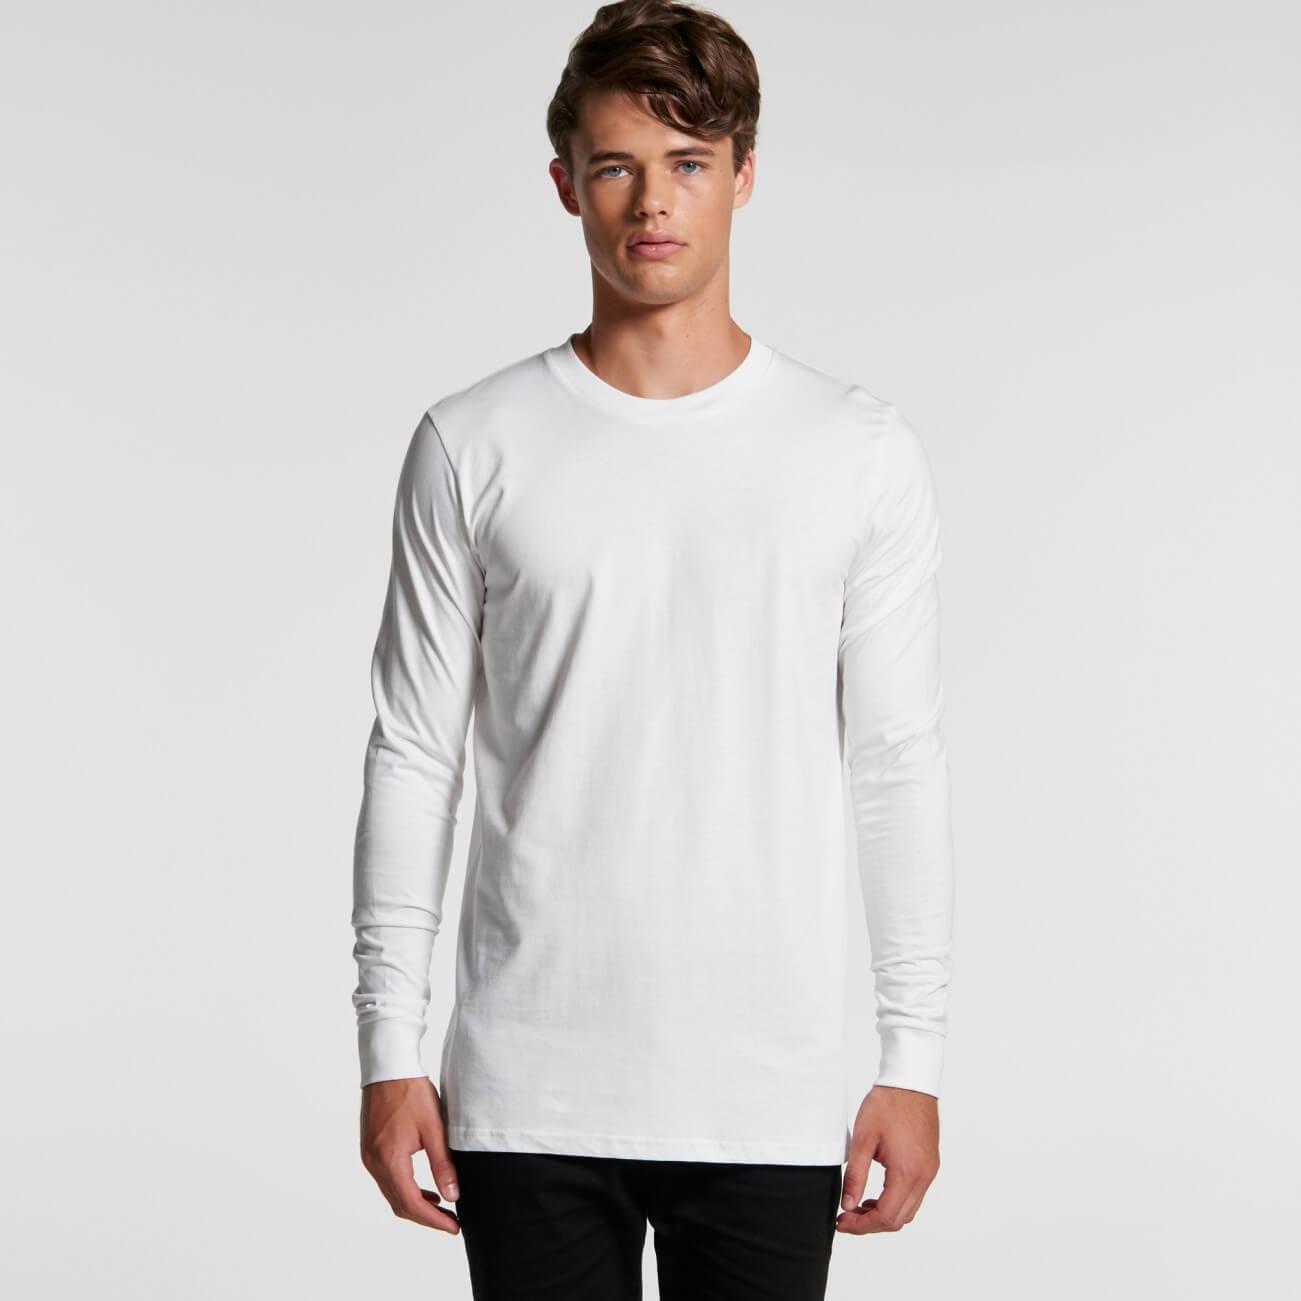 Tees Shirts And More